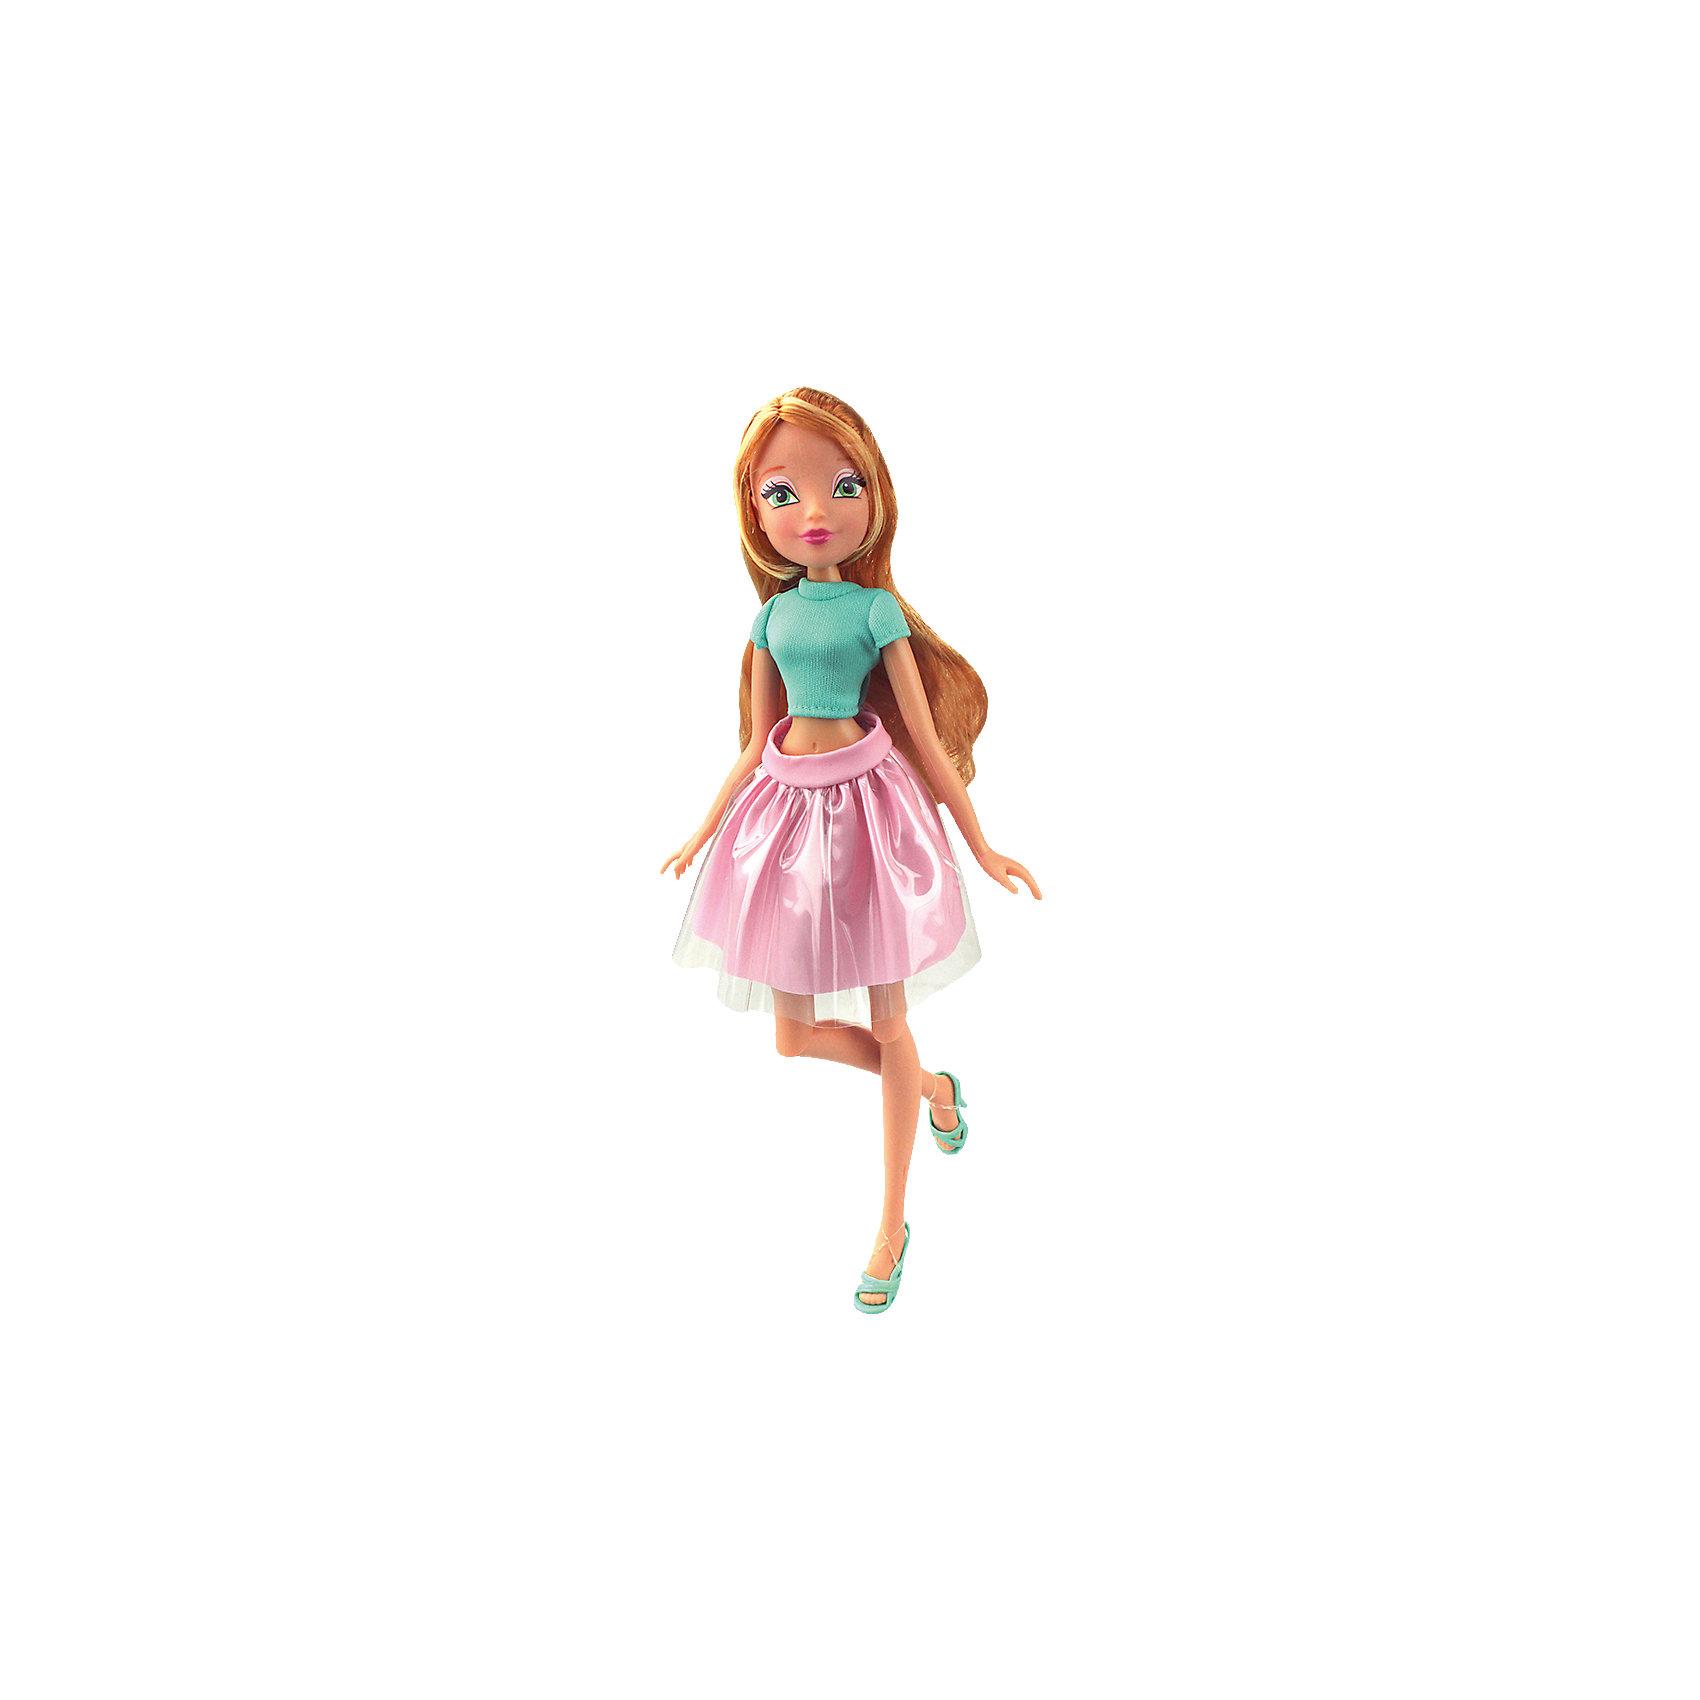 Кукла Флора Городская магия-2, Winx ClubКуклы-модели<br>Характеристики товара:<br><br>• возраст: от 3 лет;<br>• материал: пластик, текстиль;<br>• в комплекте: кукла, наряд, крылья;<br>• высота куклы: 27 см;<br>• размер упаковки: 25х15х10 см;<br>• вес упаковки: 220 гр.;<br>• страна производитель: Китай.<br><br>Кукла Флора «Городская магия-2» Winx Club создана по мотивам известного мультсериала «Клуб Винкс: Школа волшебниц» про очаровательных фей-волшебниц. Флора любит выращивать растения и цветы и варить зелье для них. Вся ее комната усыпана разнообразными цветочками. Она общительна и с удовольствием приглашает в гости свою подружку Лейлу.<br><br>У феи зеленые выразительные глаза и мягкие светлые волосы, которые можно расчесывать, заплетать и украшать. Одета Флора в голубой топ и розовую пышную юбку. У куклы несколько точек артикуляции. Руки сгибаются в локтях и плечах, ноги в бедрах и коленях. В комплекте крылышки для девочки на резинке, которые позволяет ей придумать себе волшебный образ на праздник или день рождение. <br><br>Куклу Флору «Городская магия-2» Winx Club можно приобрести в нашем интернет-магазине.<br><br>Ширина мм: 150<br>Глубина мм: 250<br>Высота мм: 100<br>Вес г: 25<br>Возраст от месяцев: 36<br>Возраст до месяцев: 2147483647<br>Пол: Женский<br>Возраст: Детский<br>SKU: 5532630